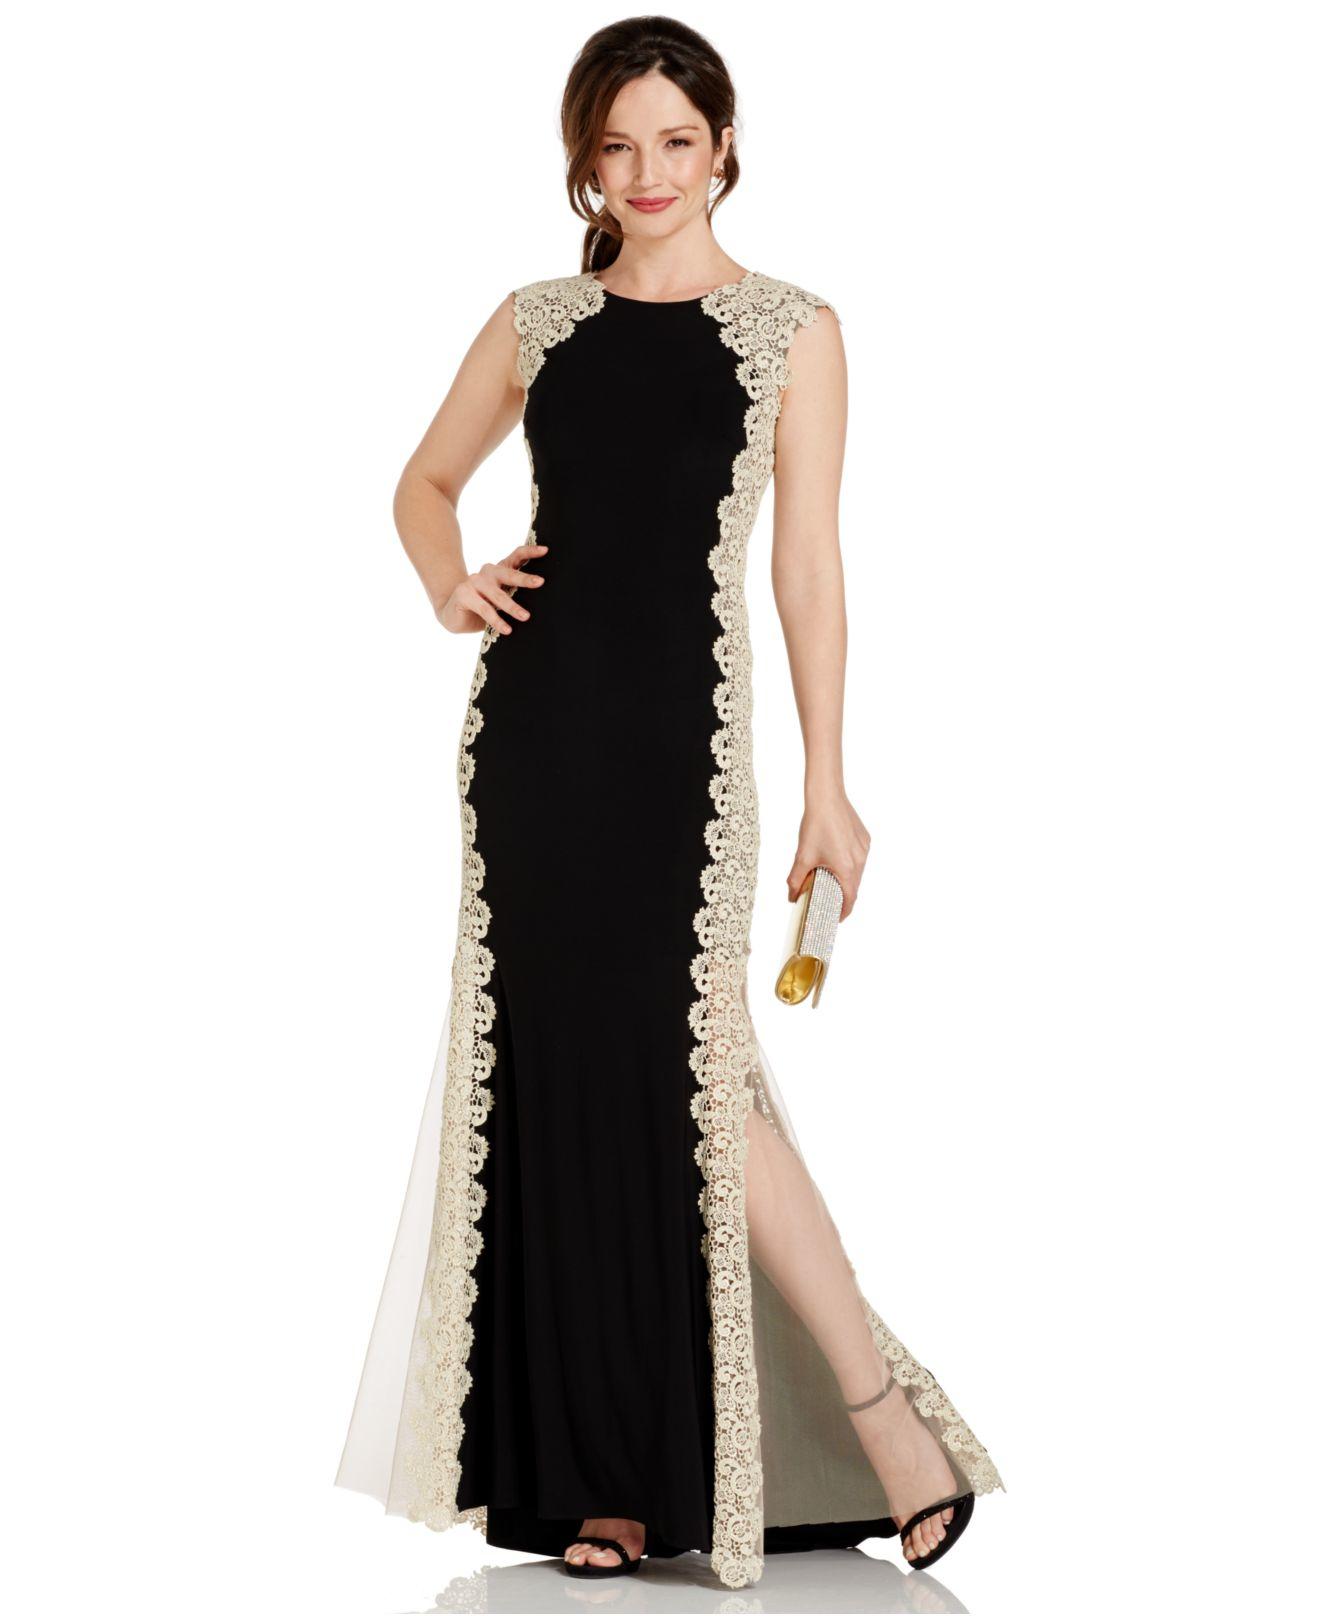 Lace dresses collection - Xscape dress navy lace